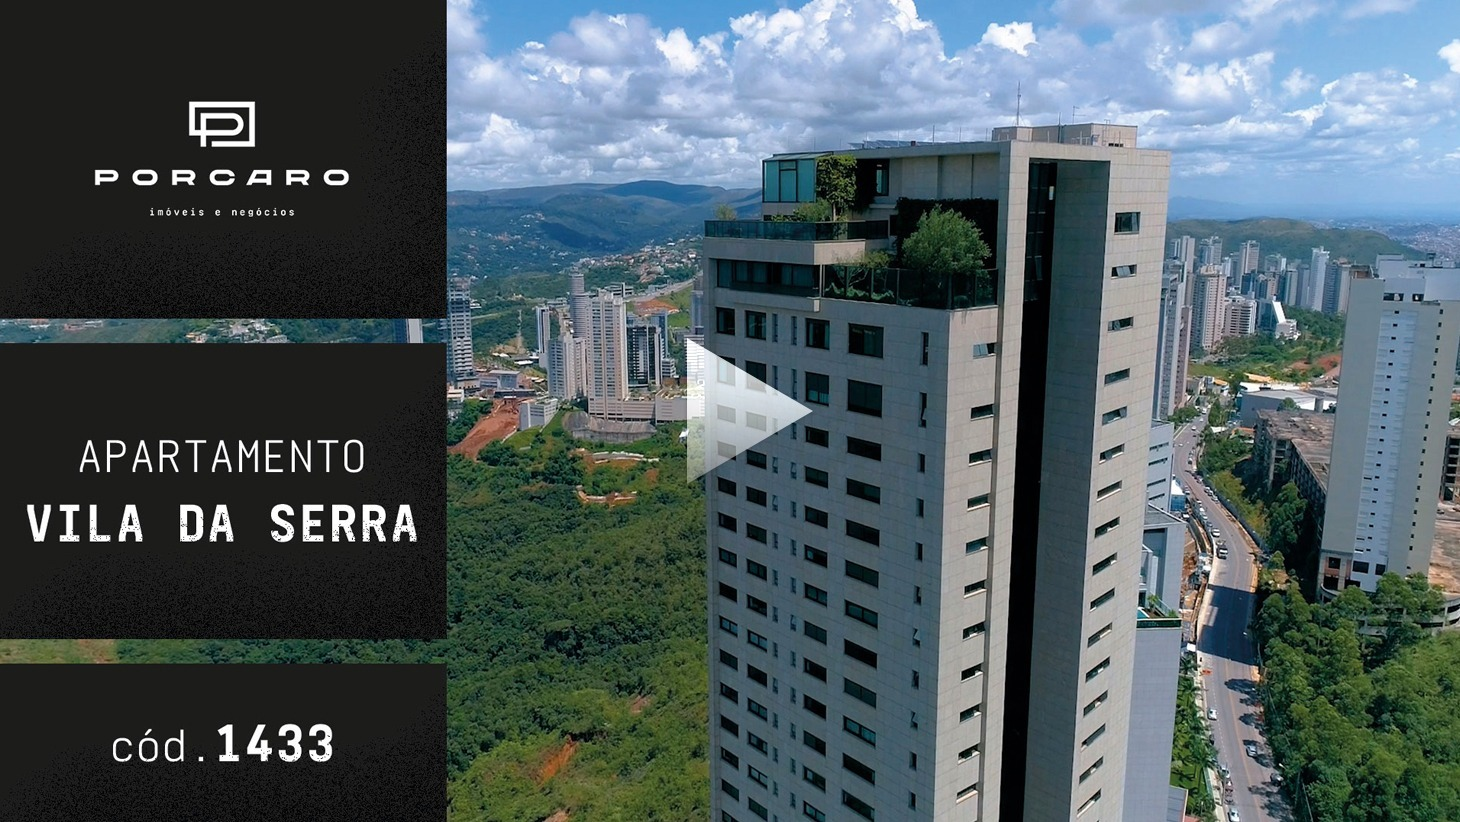 Apartamento Vila da Serra exclusivo e com lazer completo